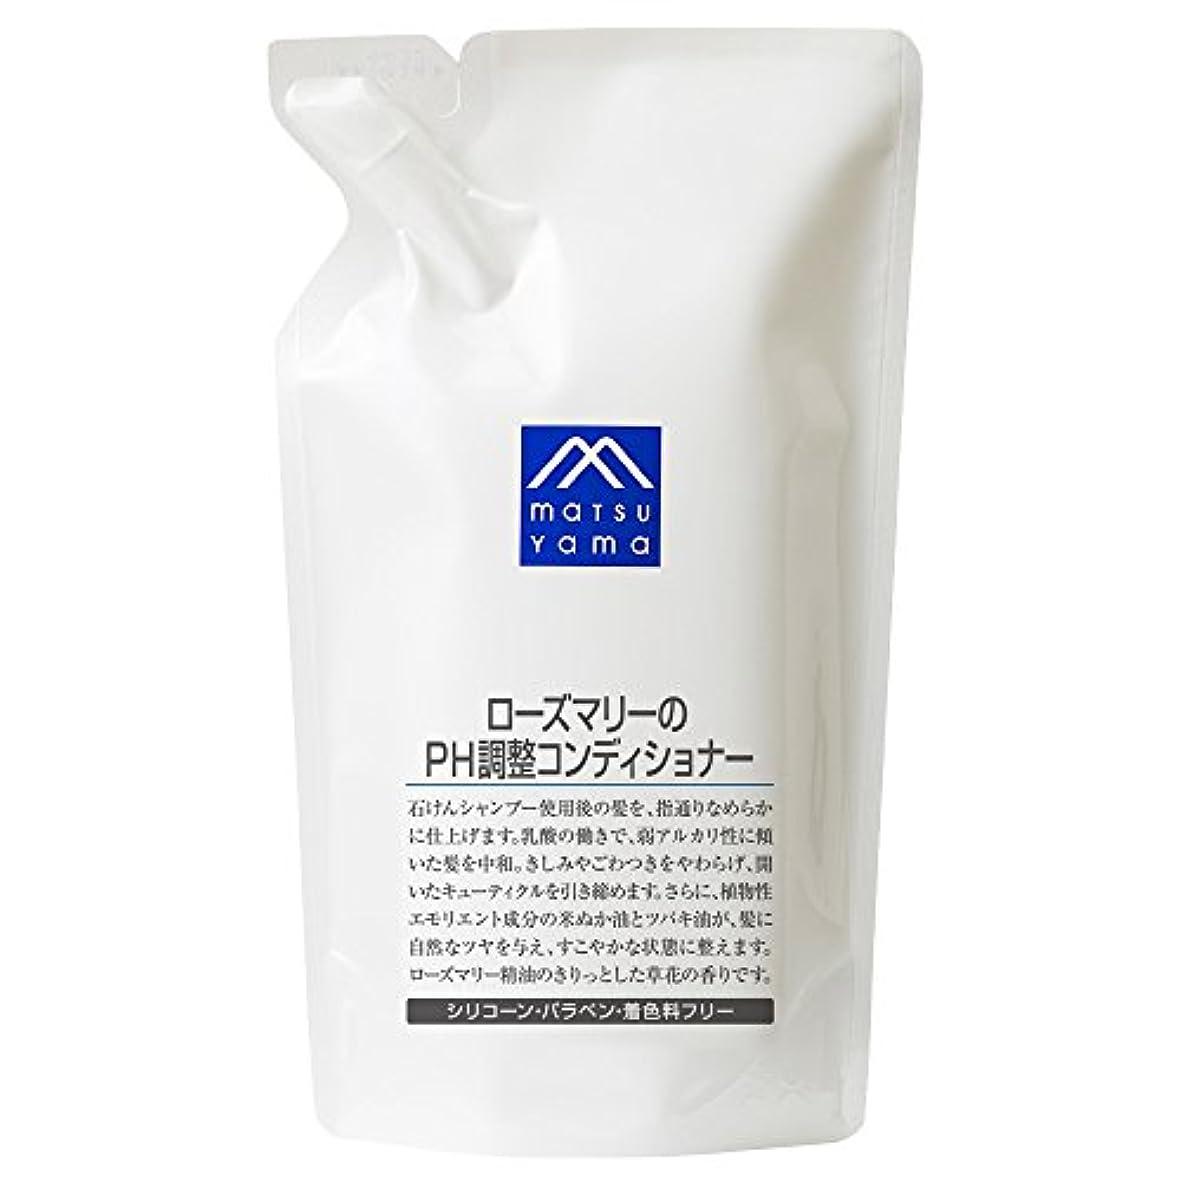 エンターテインメント小川乳M-mark ローズマリーのPH調整コンディショナー 詰替用